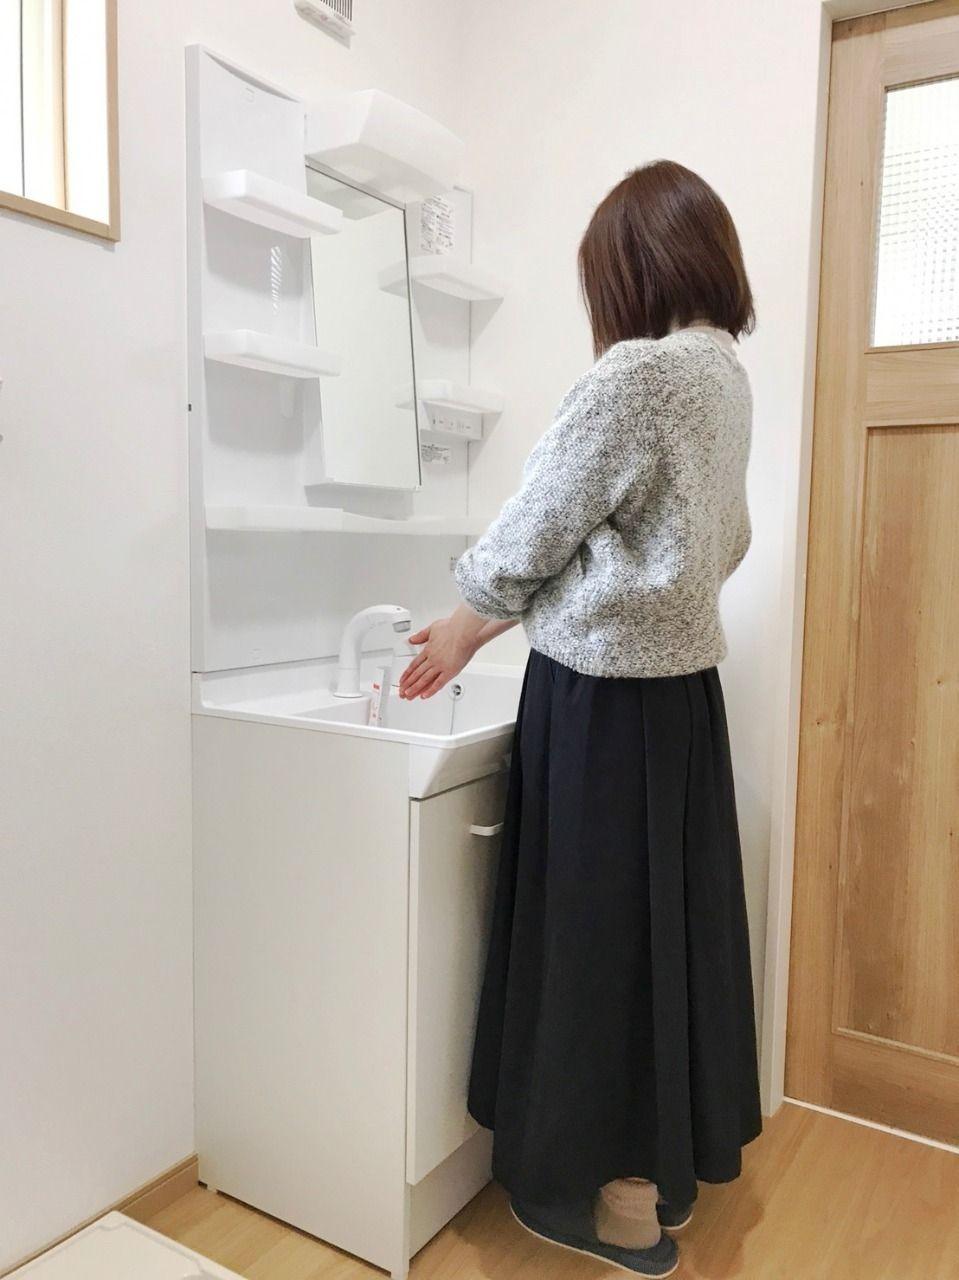 シャワー洗面台で手を洗う野村